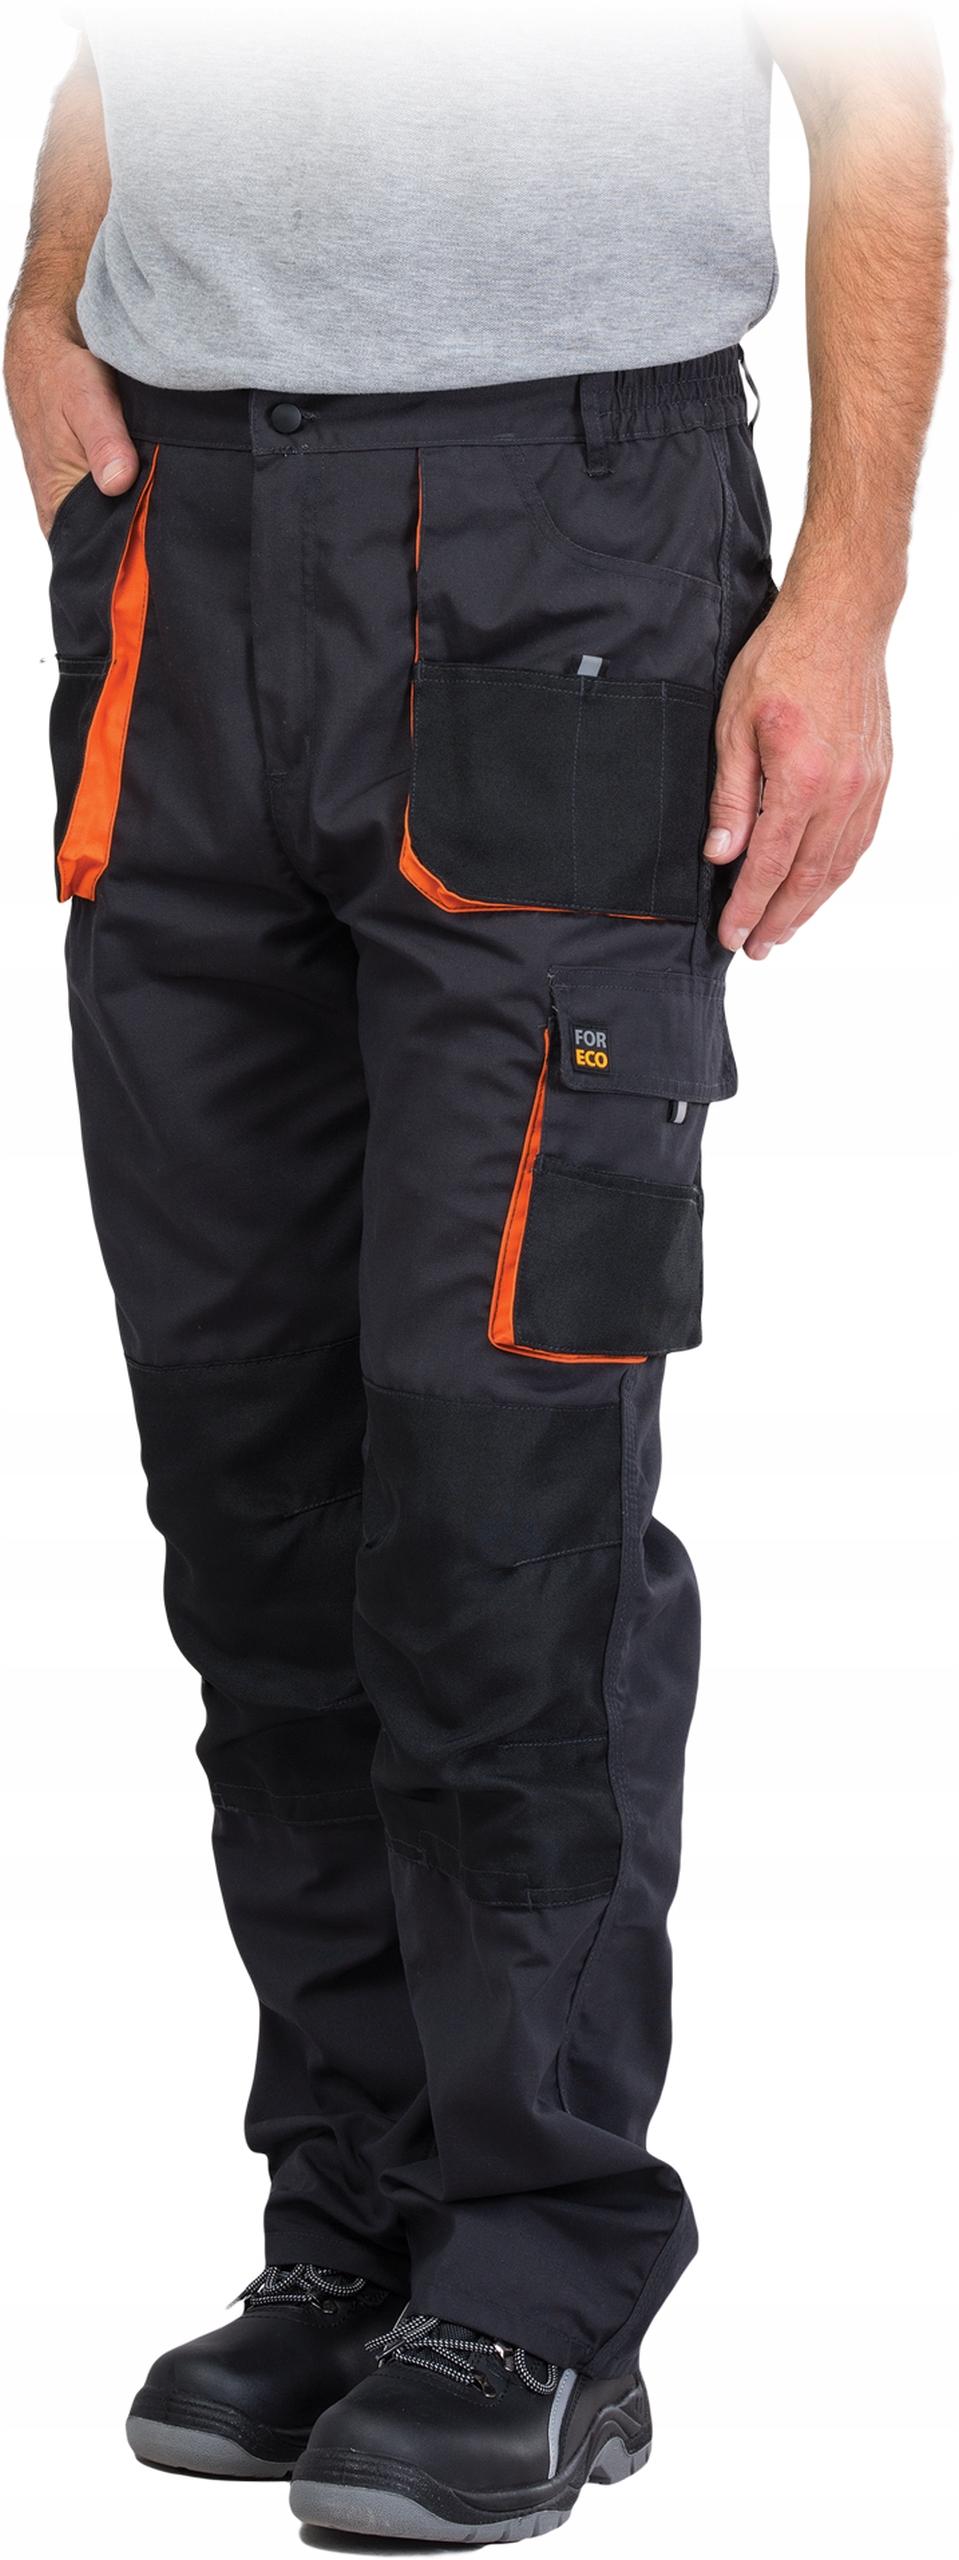 Штаны рабочие защитные STRONG OHS SEAMS 48 размер.